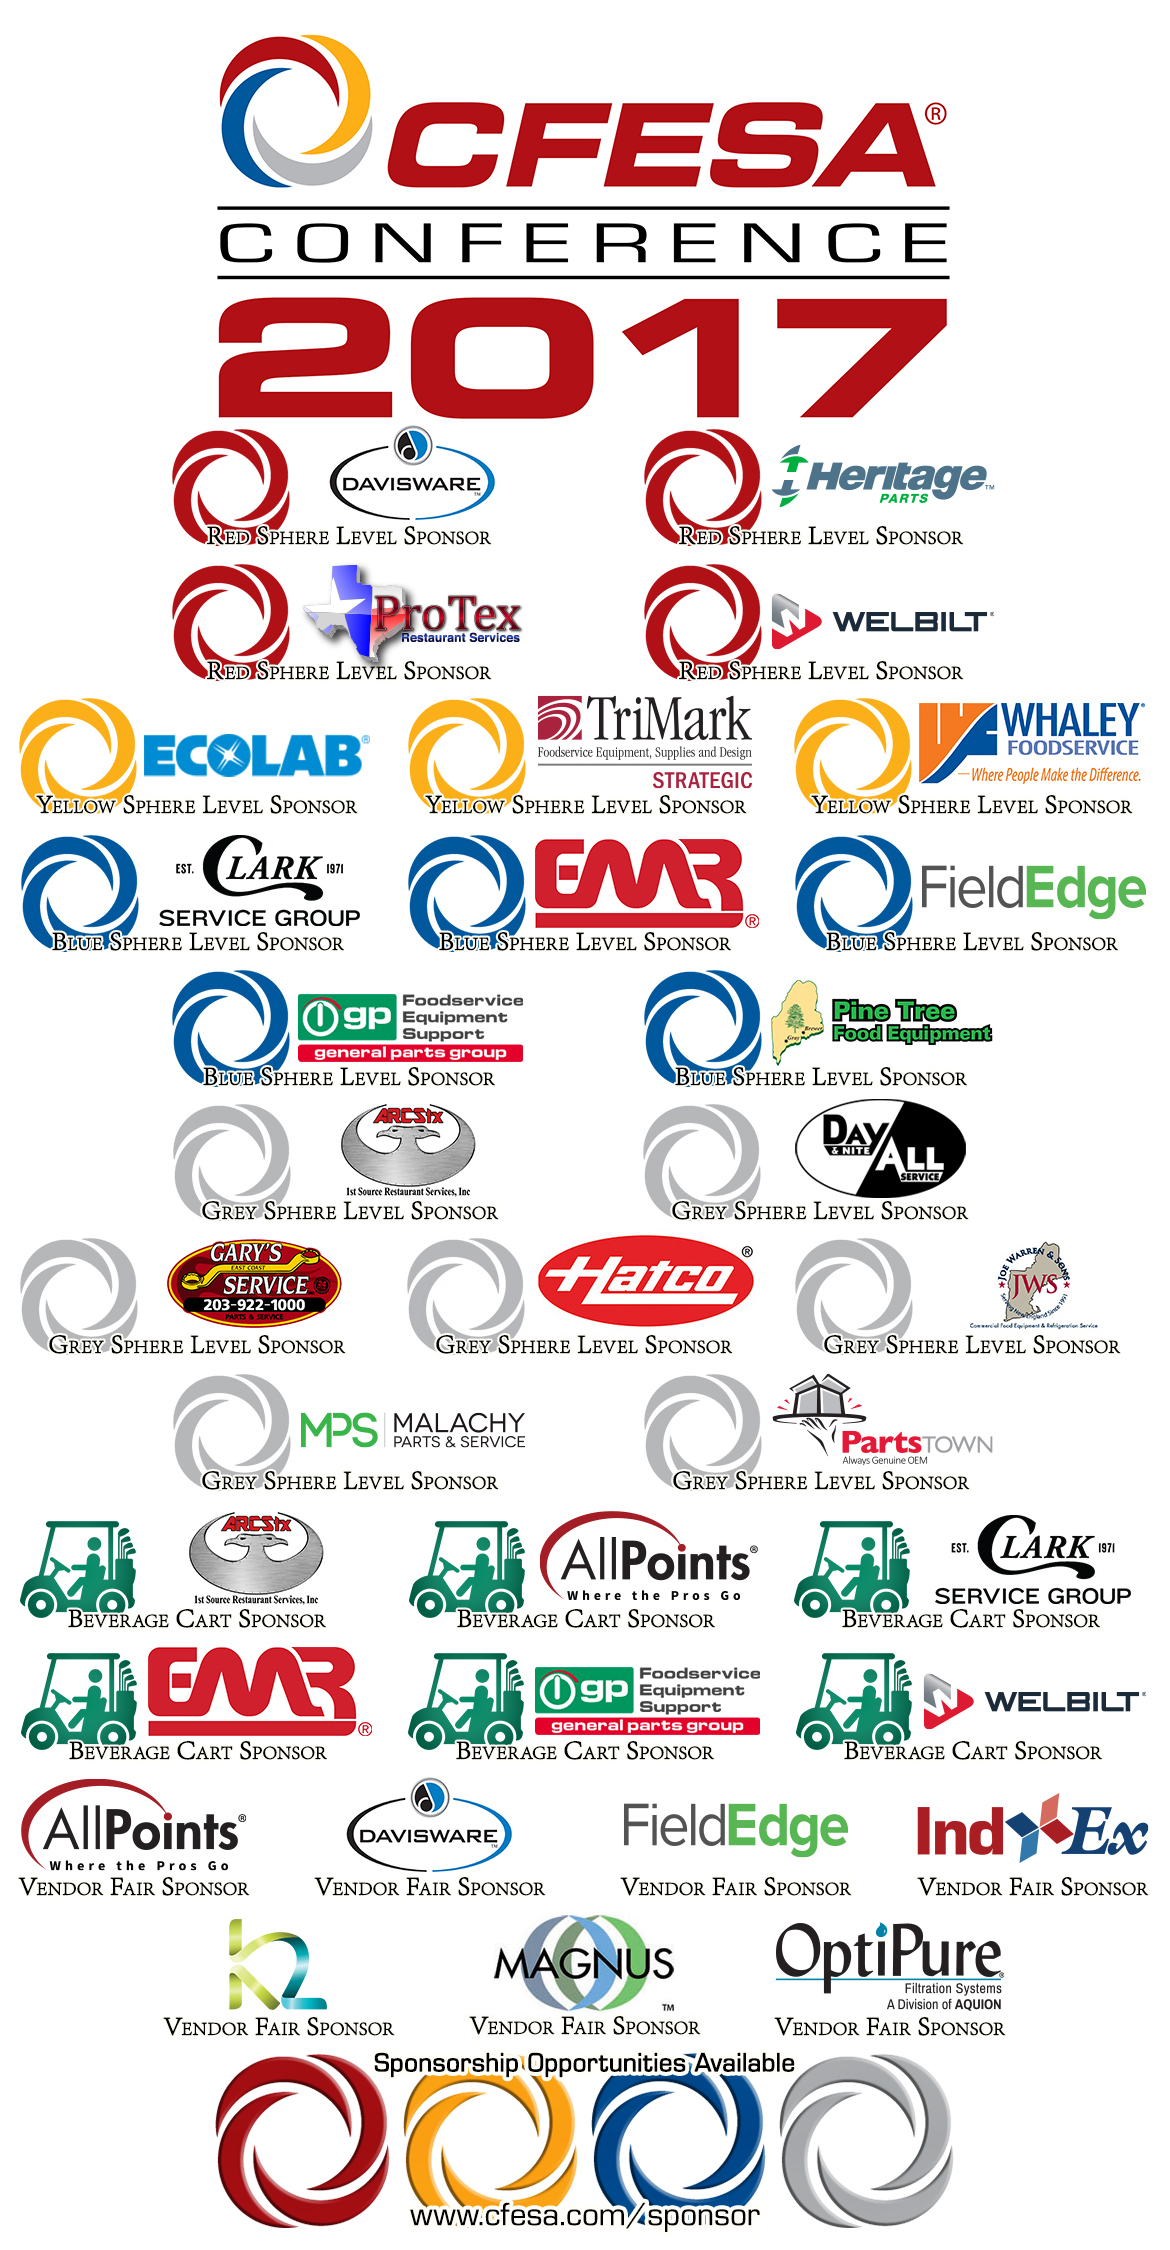 2017 CFESA Conference Sponsor list